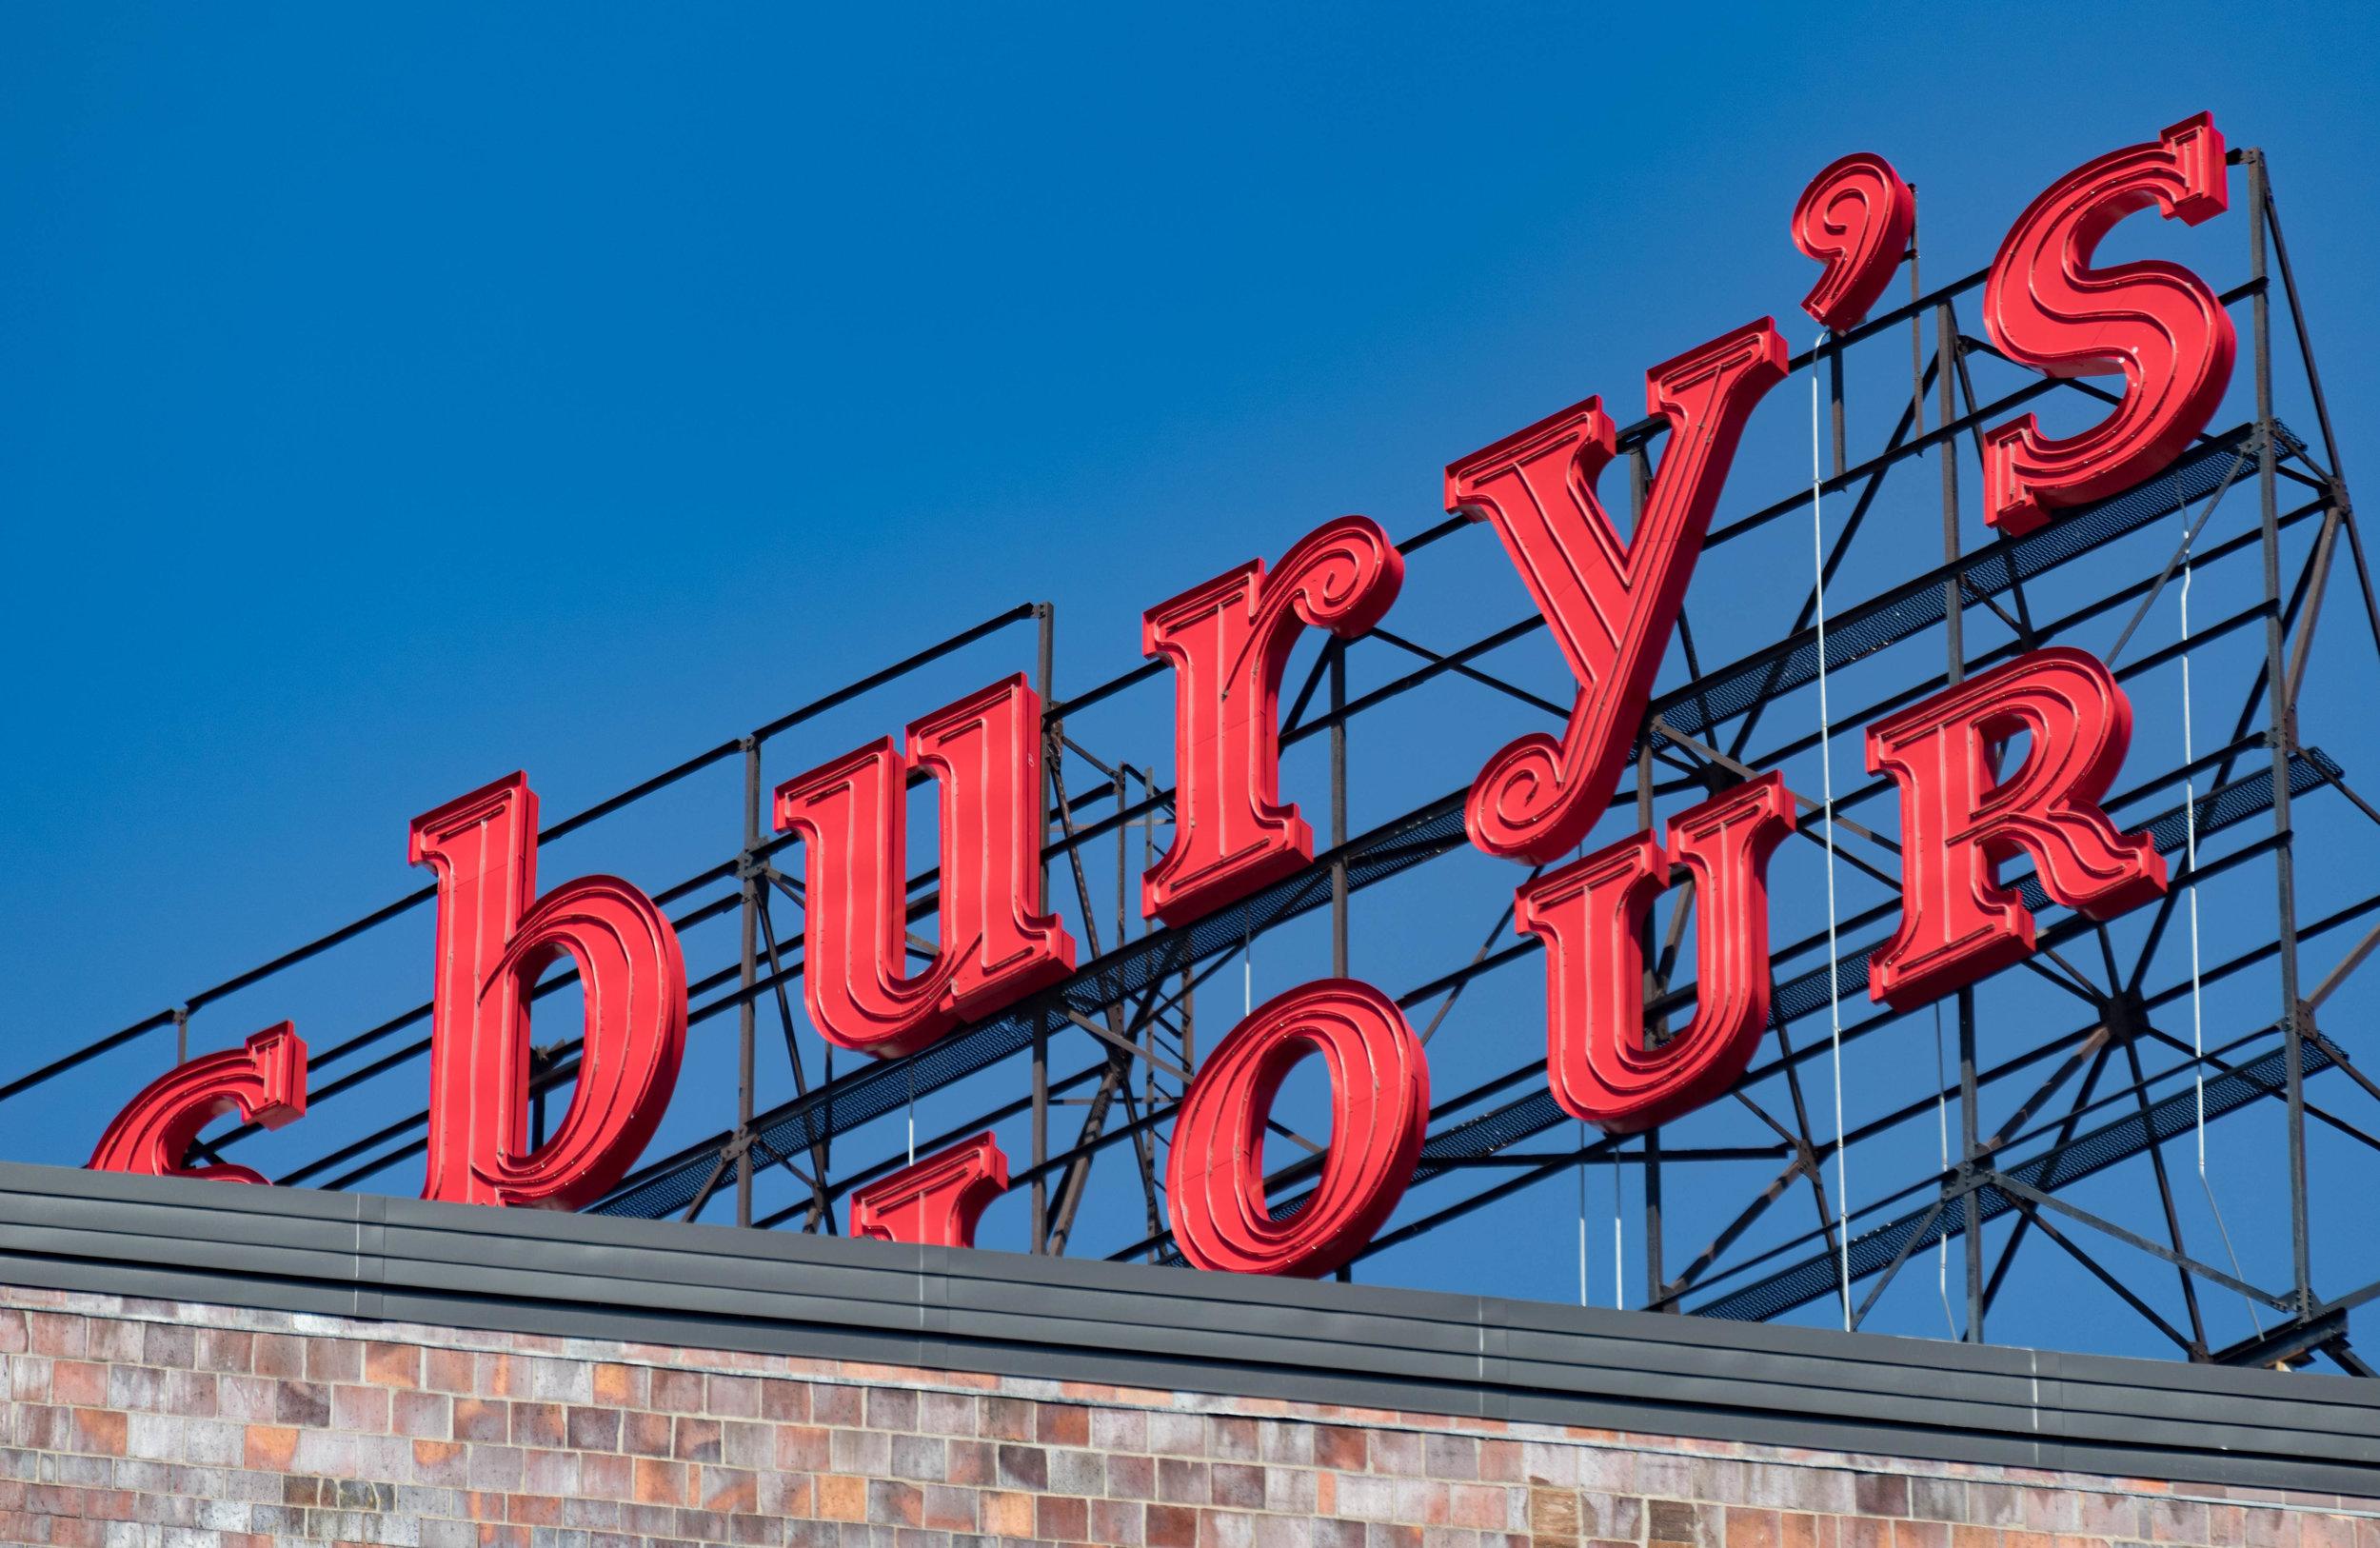 april 28, 2018  pillsbury a-mill, minneapolis, minnesota